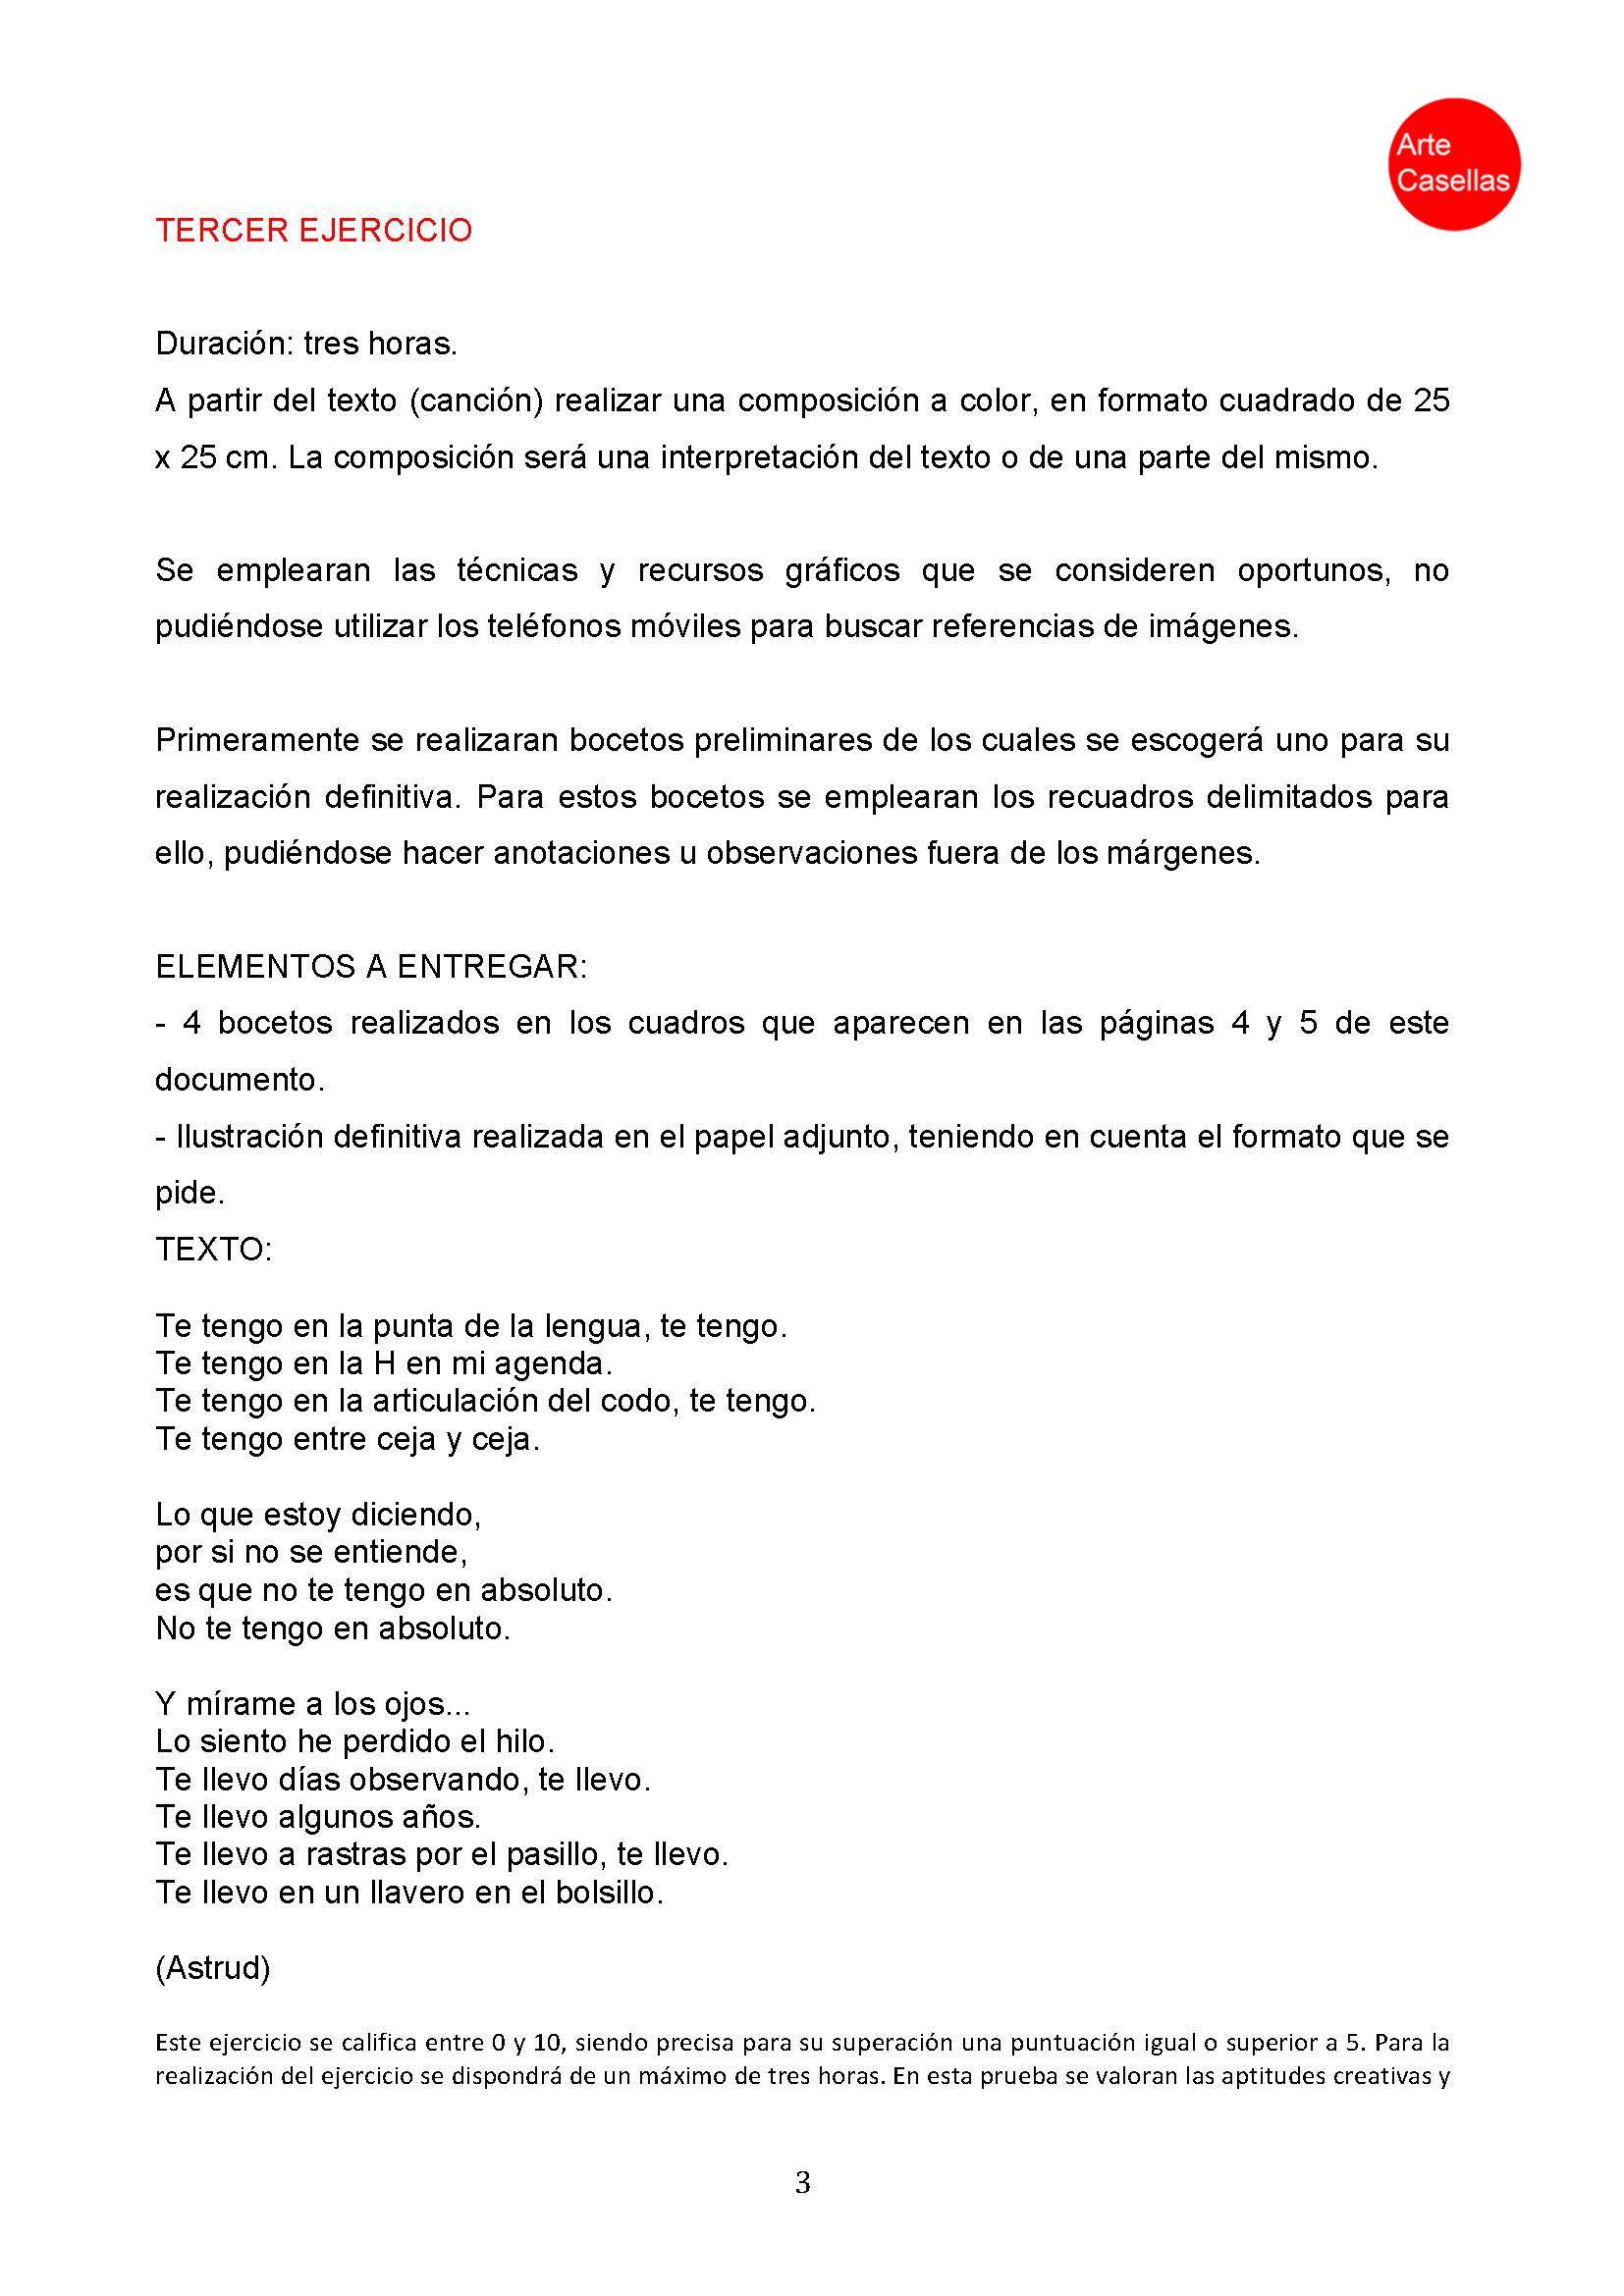 Arte Casellas. Modelo examen prueba específca Arte Diez Ilustración 2018. Clases preparación. Presencial. Online 3